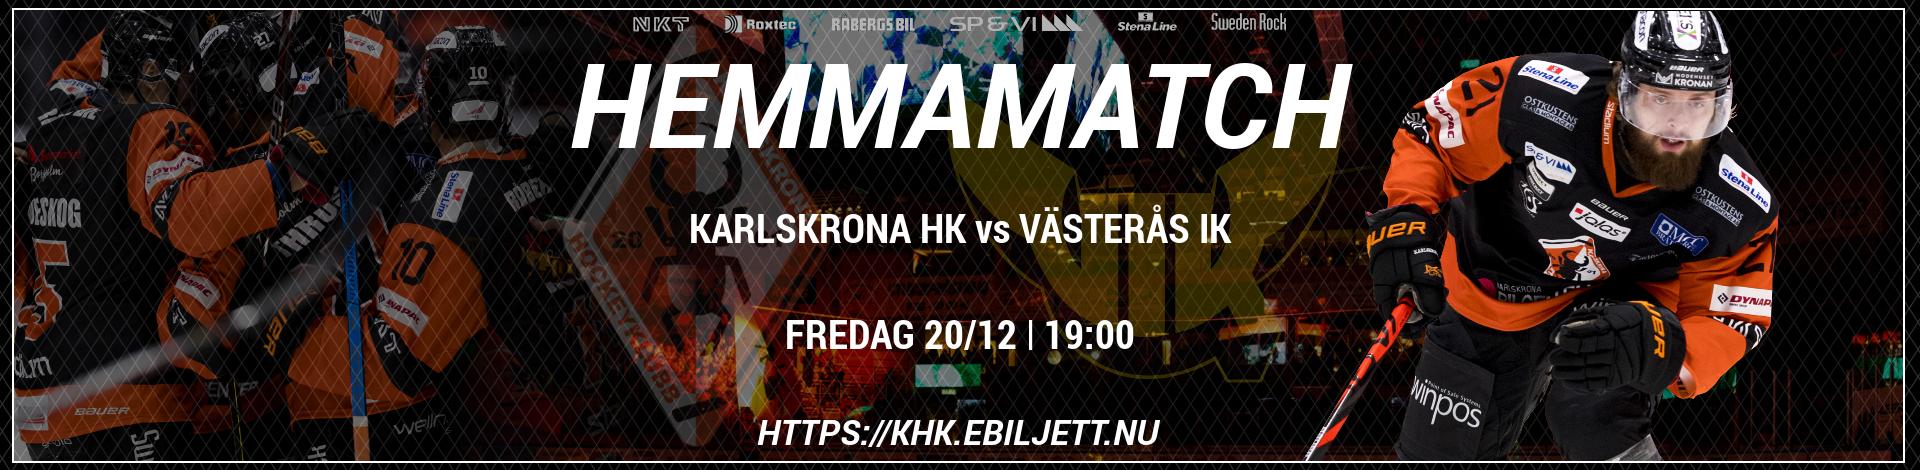 Nästa hemmamatch, Karlskrona HK  - Västerås IK 20 december, klockan 19:00. Köp din biljett redan nu.